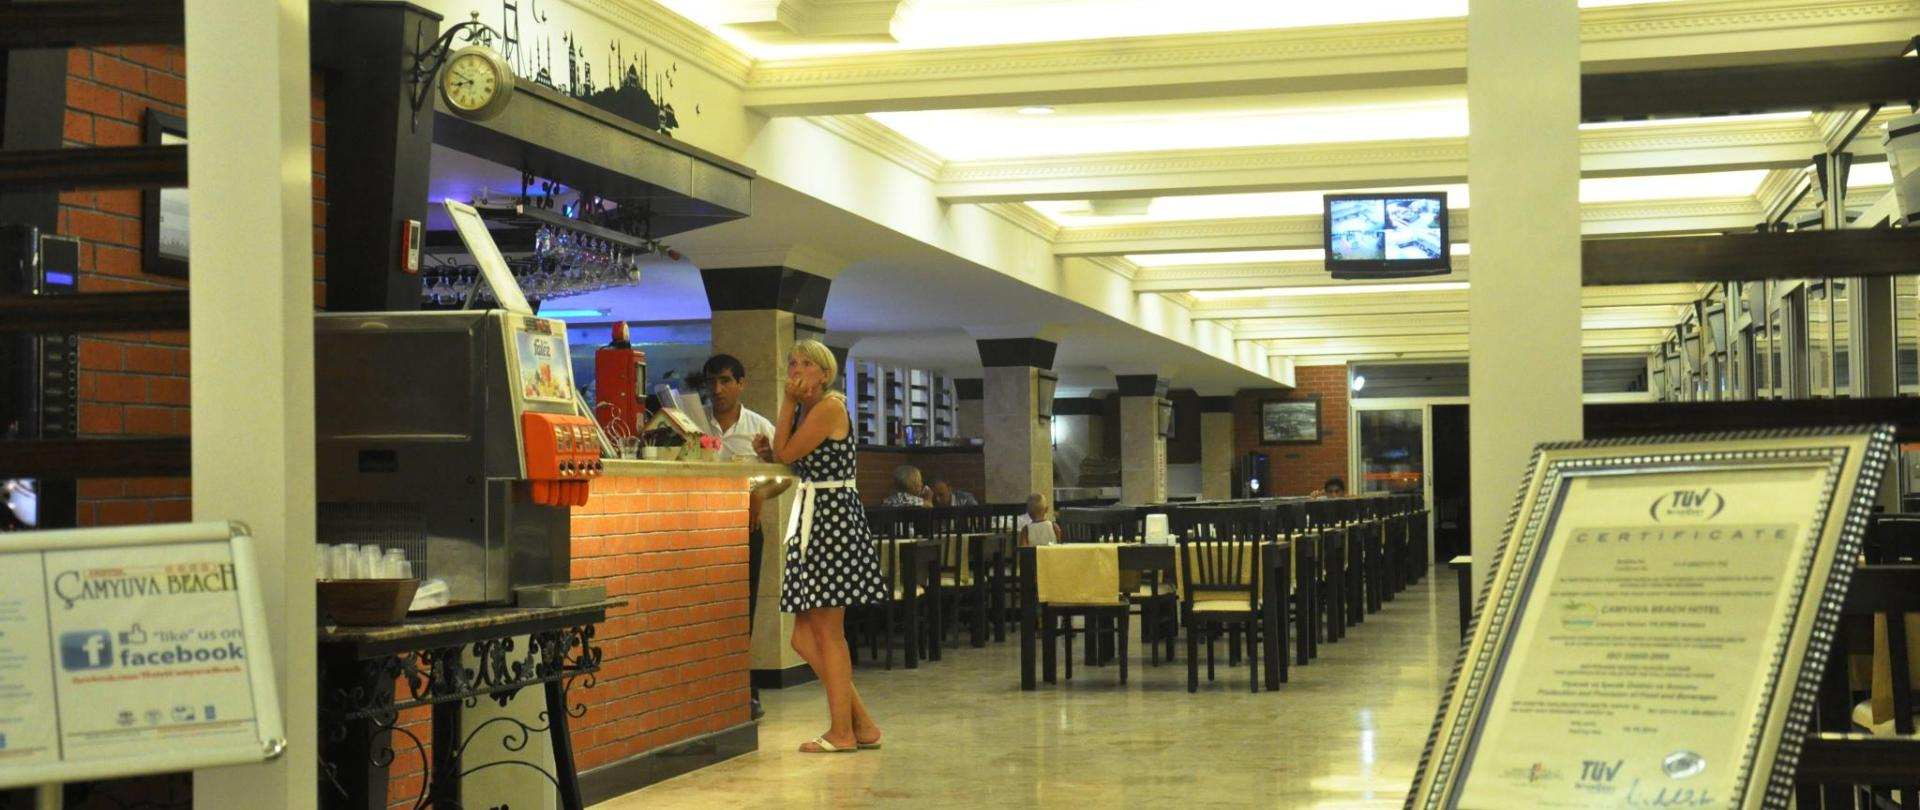 Hotel Camyuva Beach 2014 summer B (8).JPG